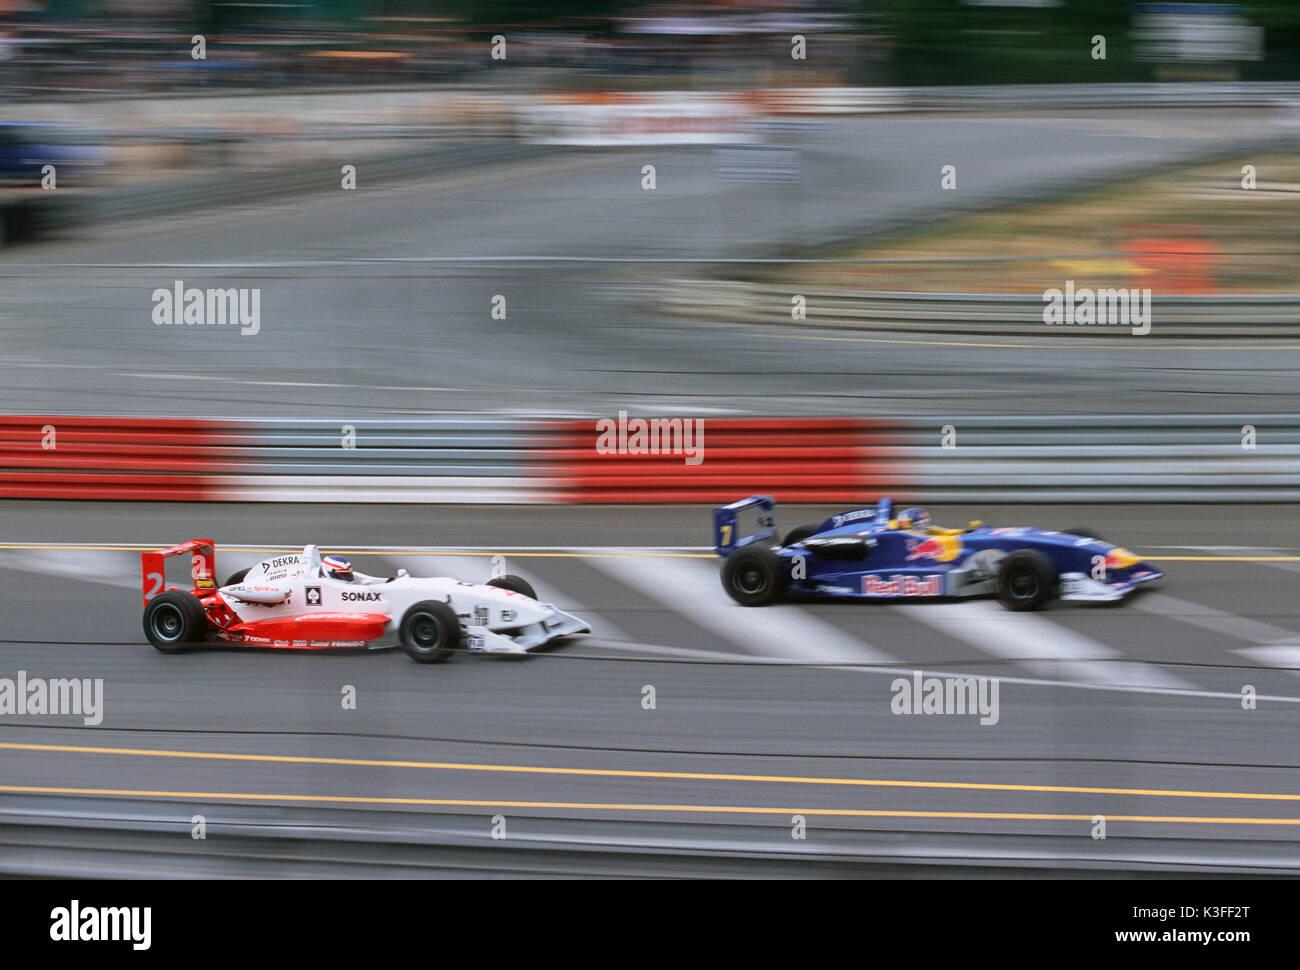 Formula 3 Car racing - Stock Image